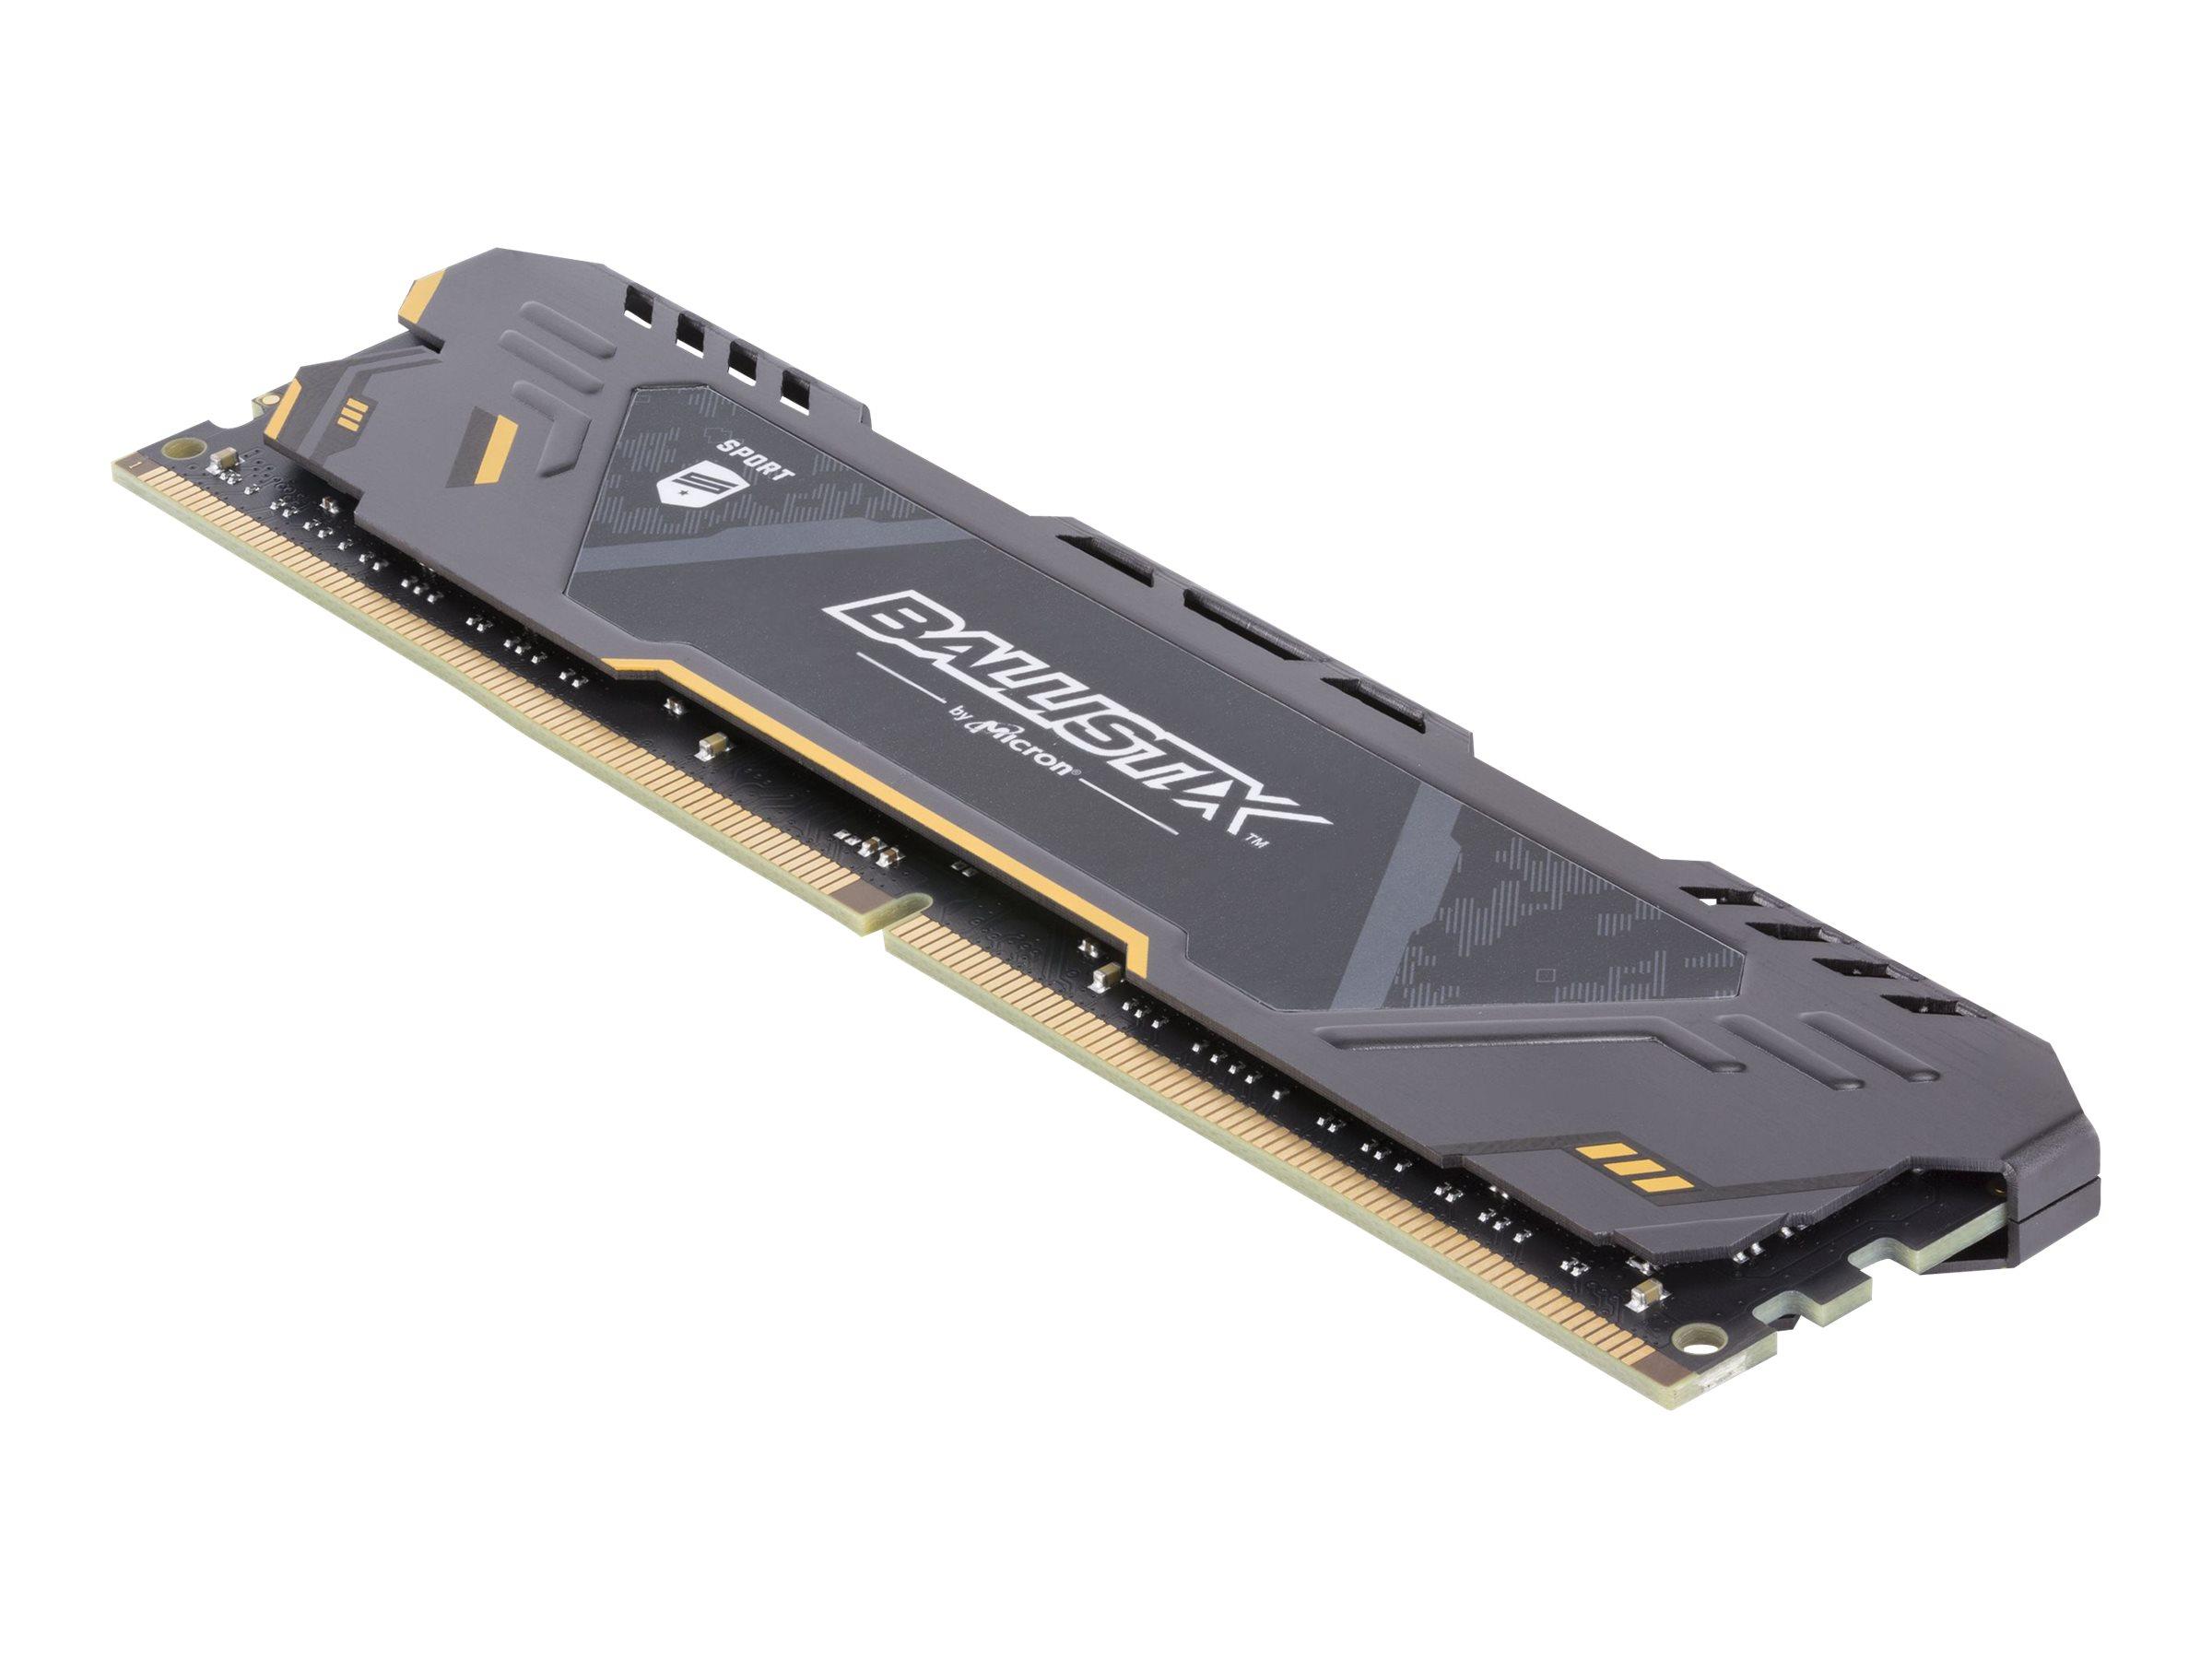 Ballistix Sport AT - DDR4 - 64 GB: 4 x 16 GB - DIMM 288-PIN - 2666 MHz / PC4-21300 - CL16